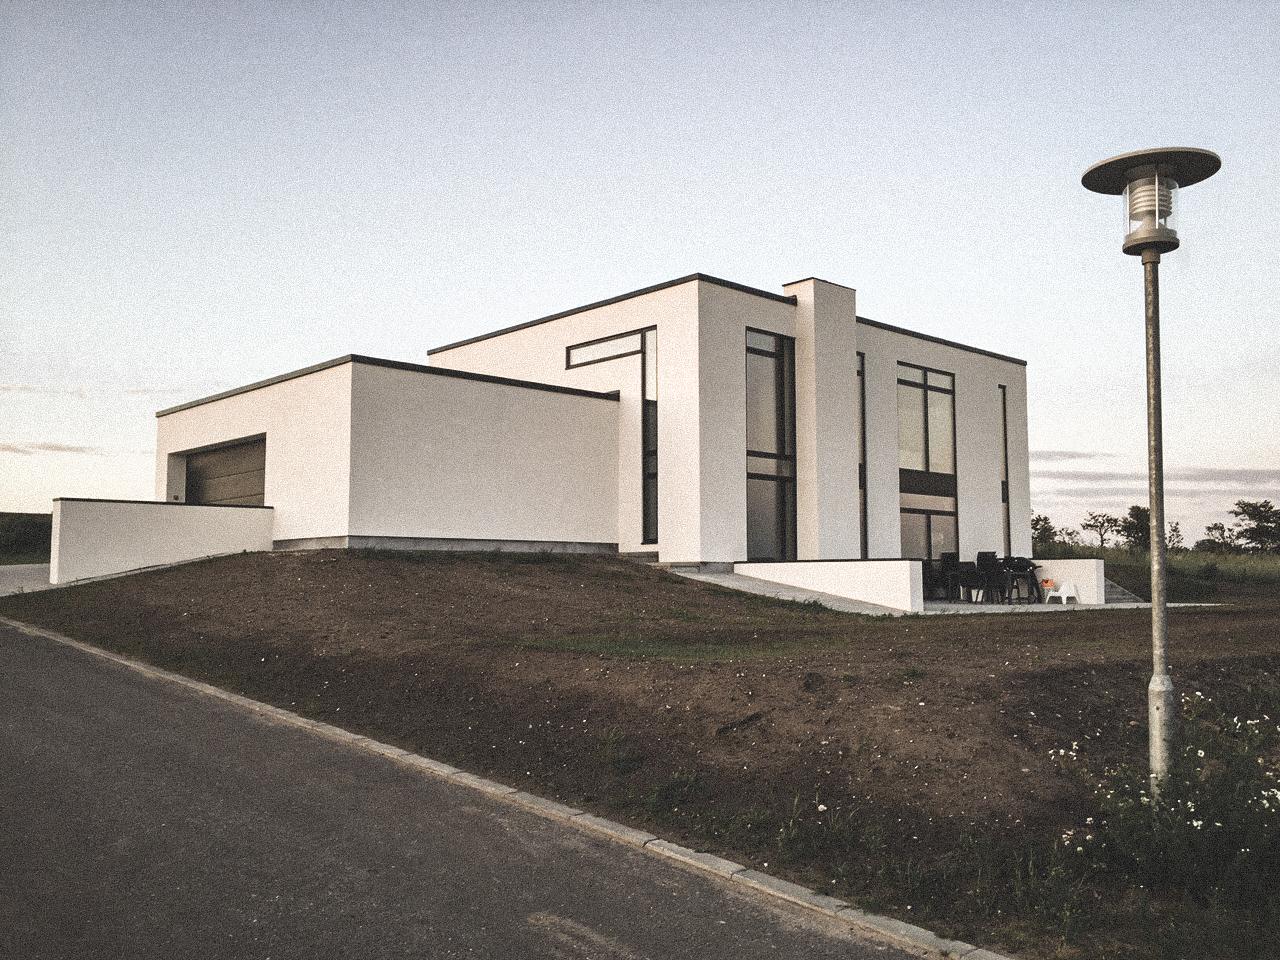 Billede af villa i Nibe efter indflytning, tegnet af arkitektfirmaet m2plus.